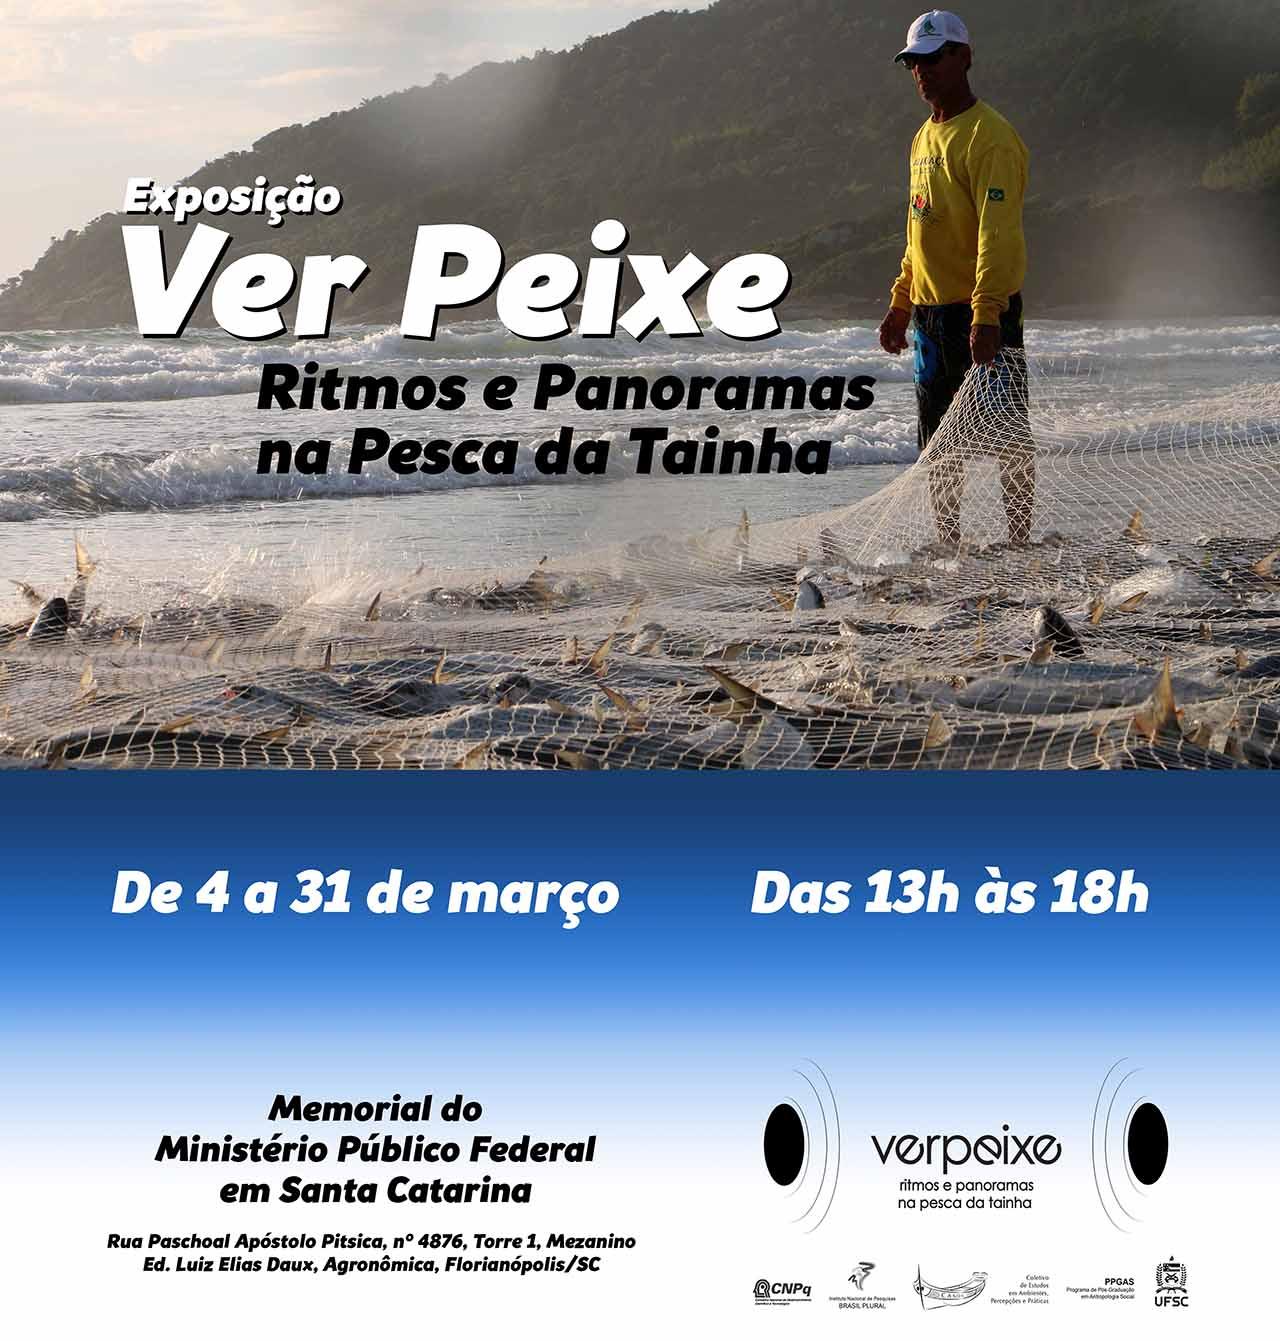 Ver Peixe - Ritmos e Panoramas na Pesca da Tainha: Exposição de fotografias e vídeos